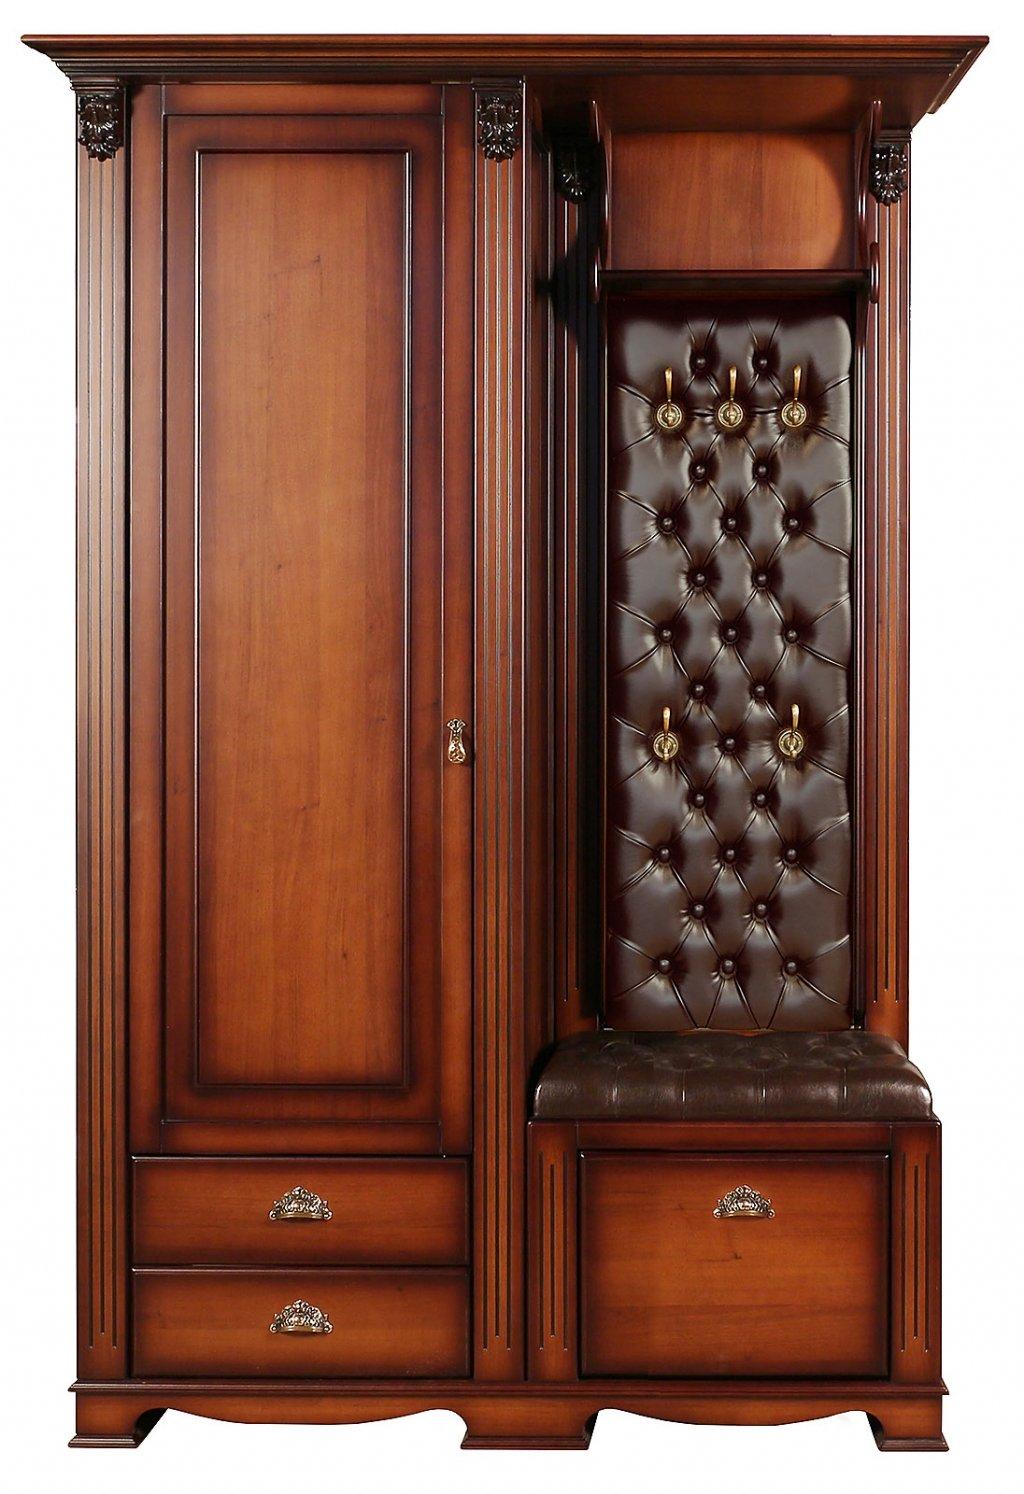 Прихожая Лувр с одностворчатым шкафом, вешалкой и банкеткой-обувницей EL7527L Or Brown